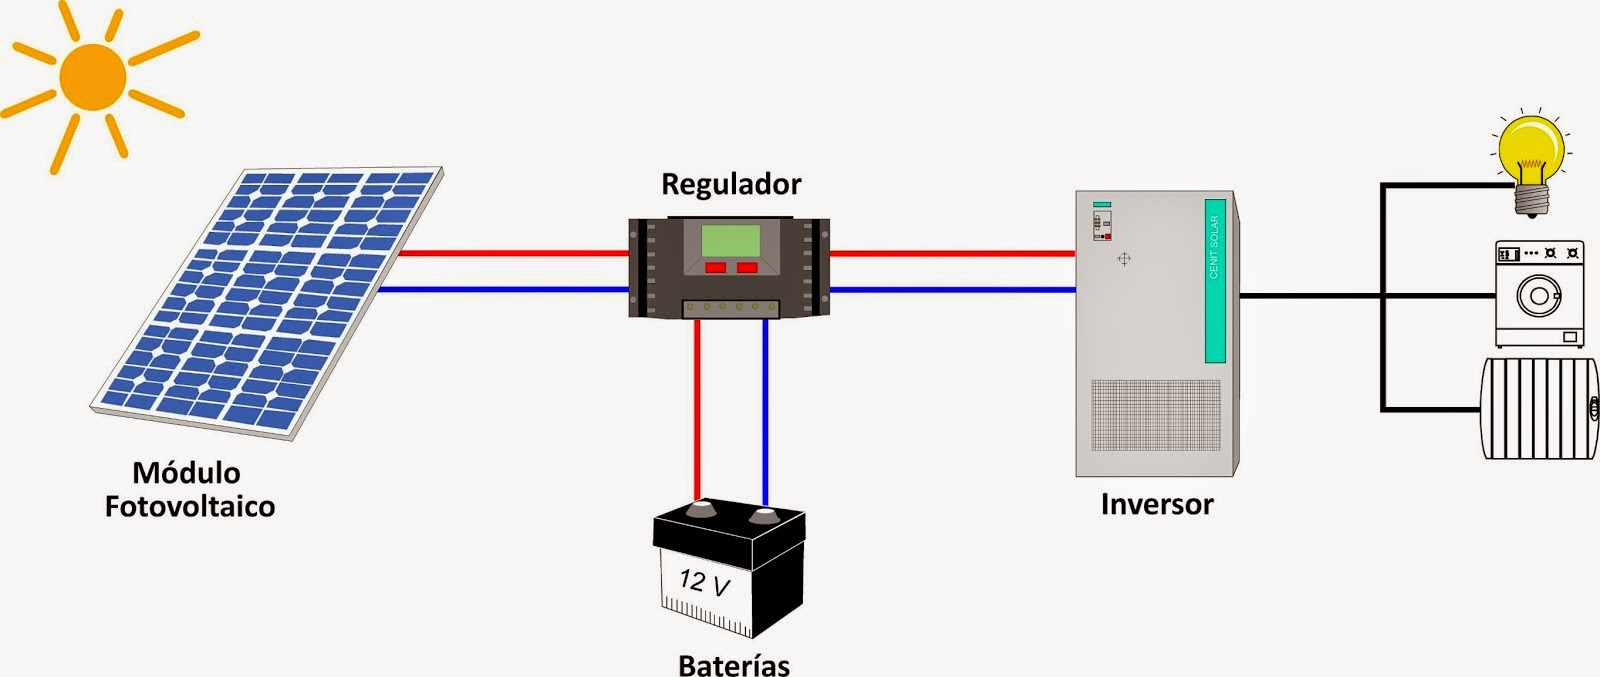 Distribuidor De Paneles Solares Colombia Precio Economicos Compra Energia Fotovoltaica Bogota Medellin Baratos Kit Policristalino 180watt 200watt